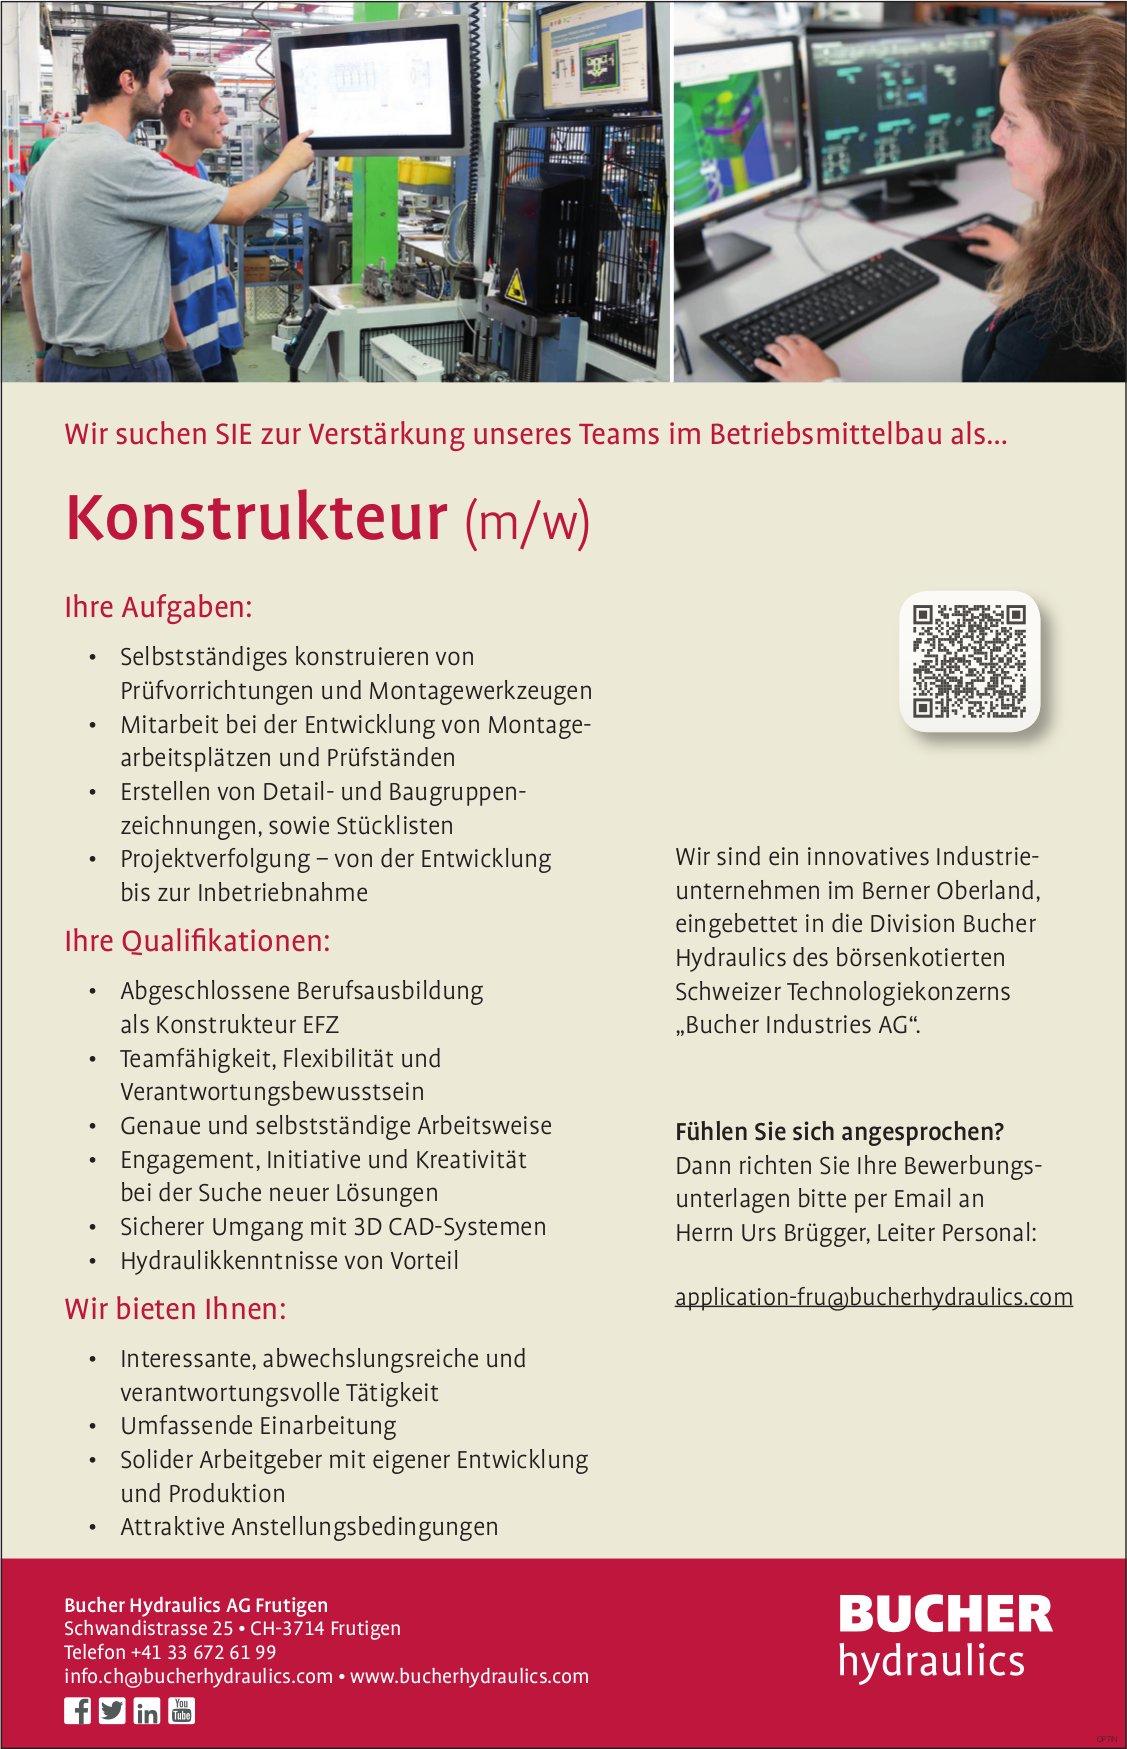 Konstrukteur (m/w), Bucher Hydraulics AG,  Frutigen, Gesucht